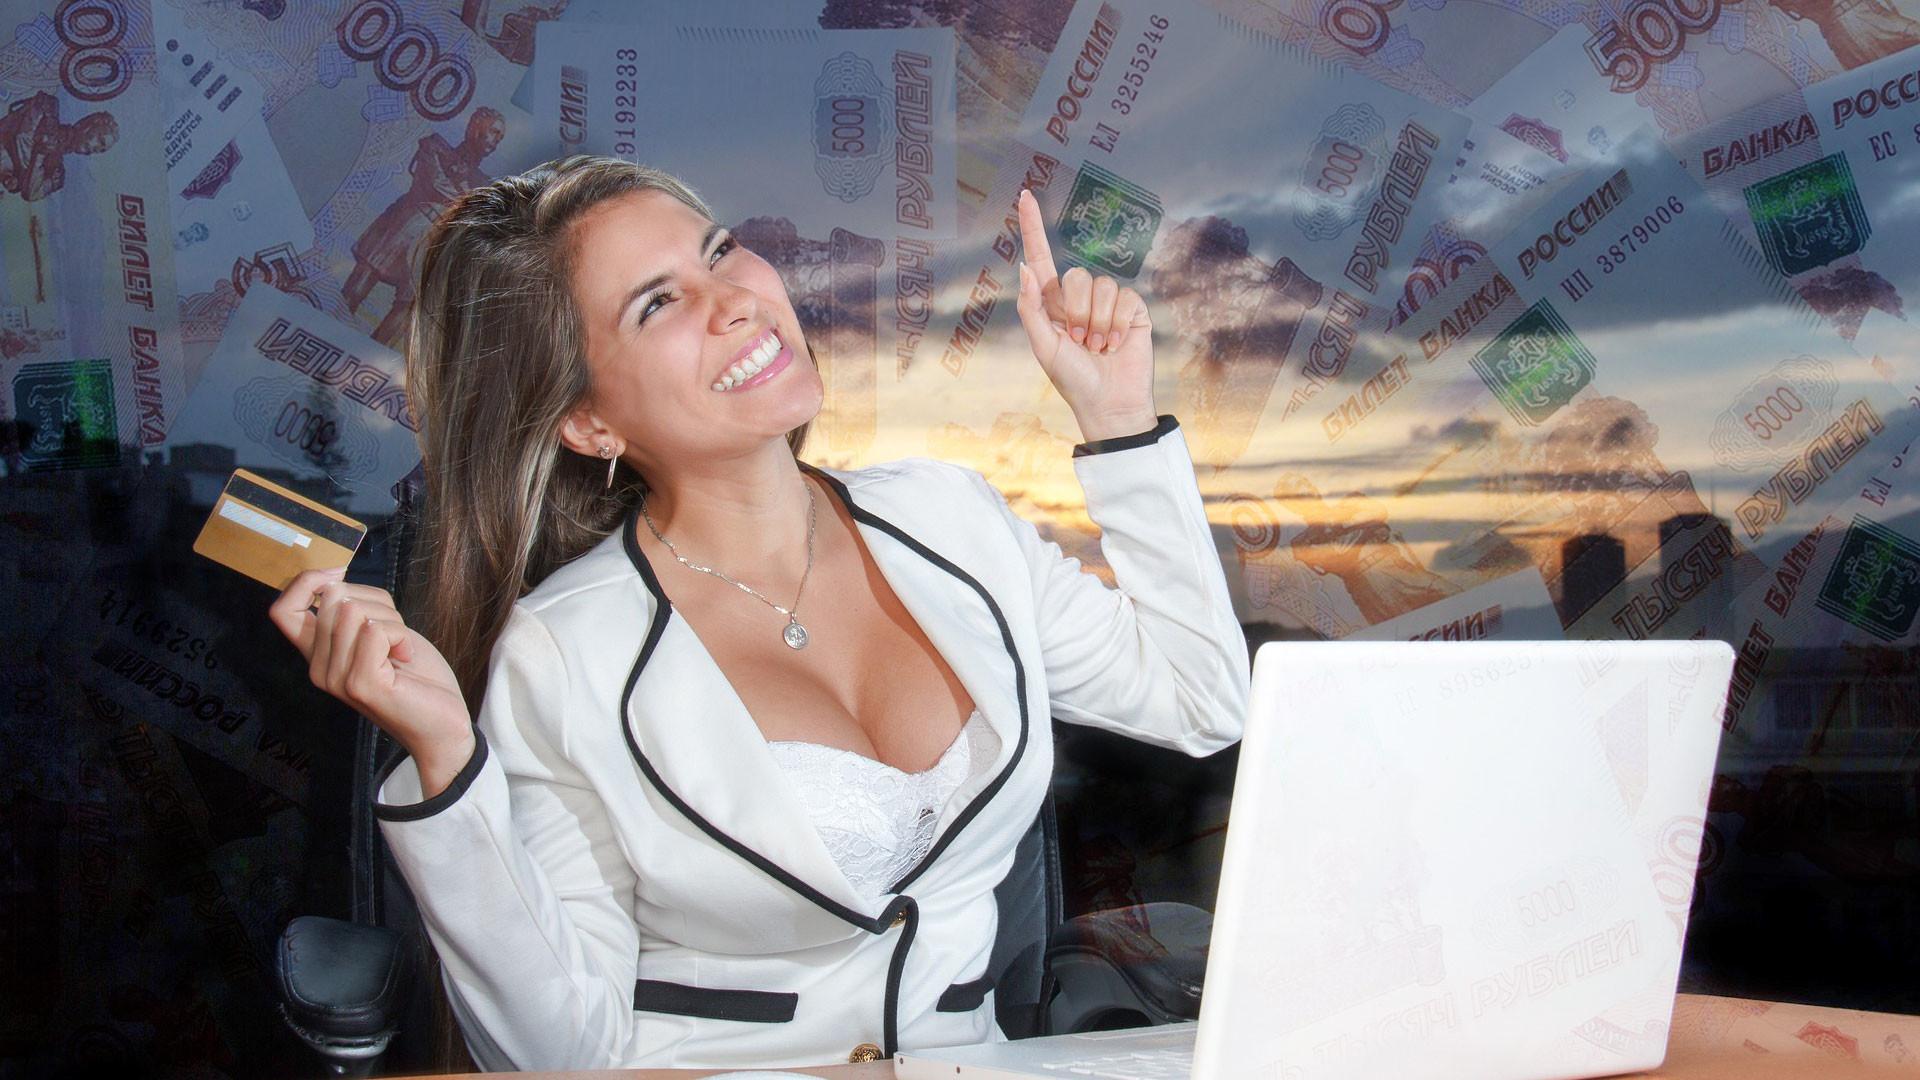 Взять у работодателя кредит взять кредит безработному в спб